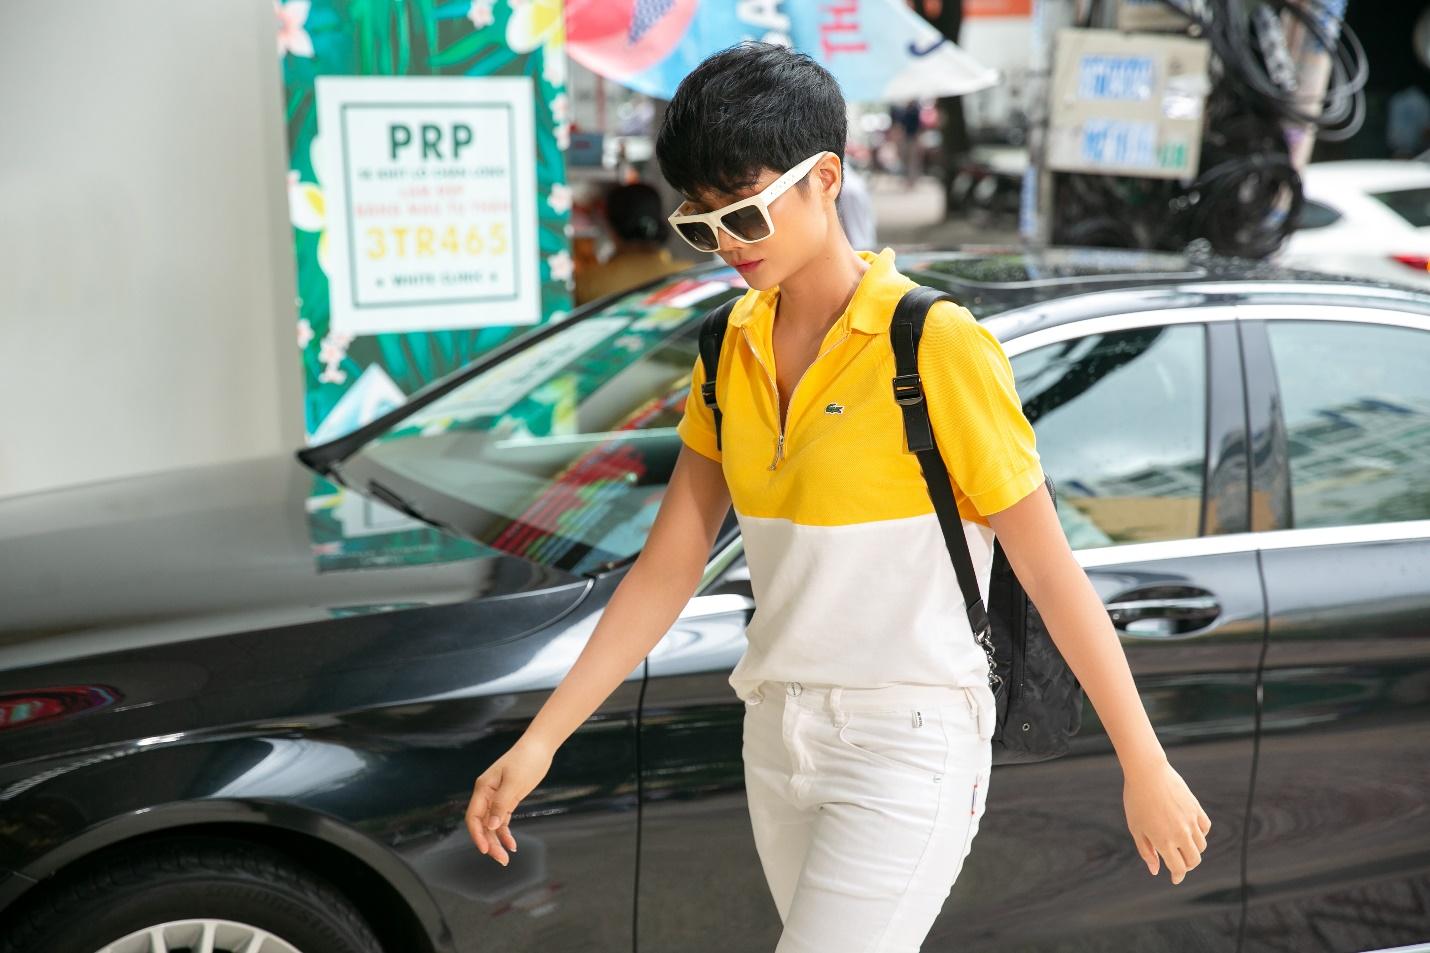 Hoa hậu HHen Niê đến spa tắm trắng trước thềm cuộc thi Hoa hậu Hoàn vũ Thế giới? - Ảnh 4.